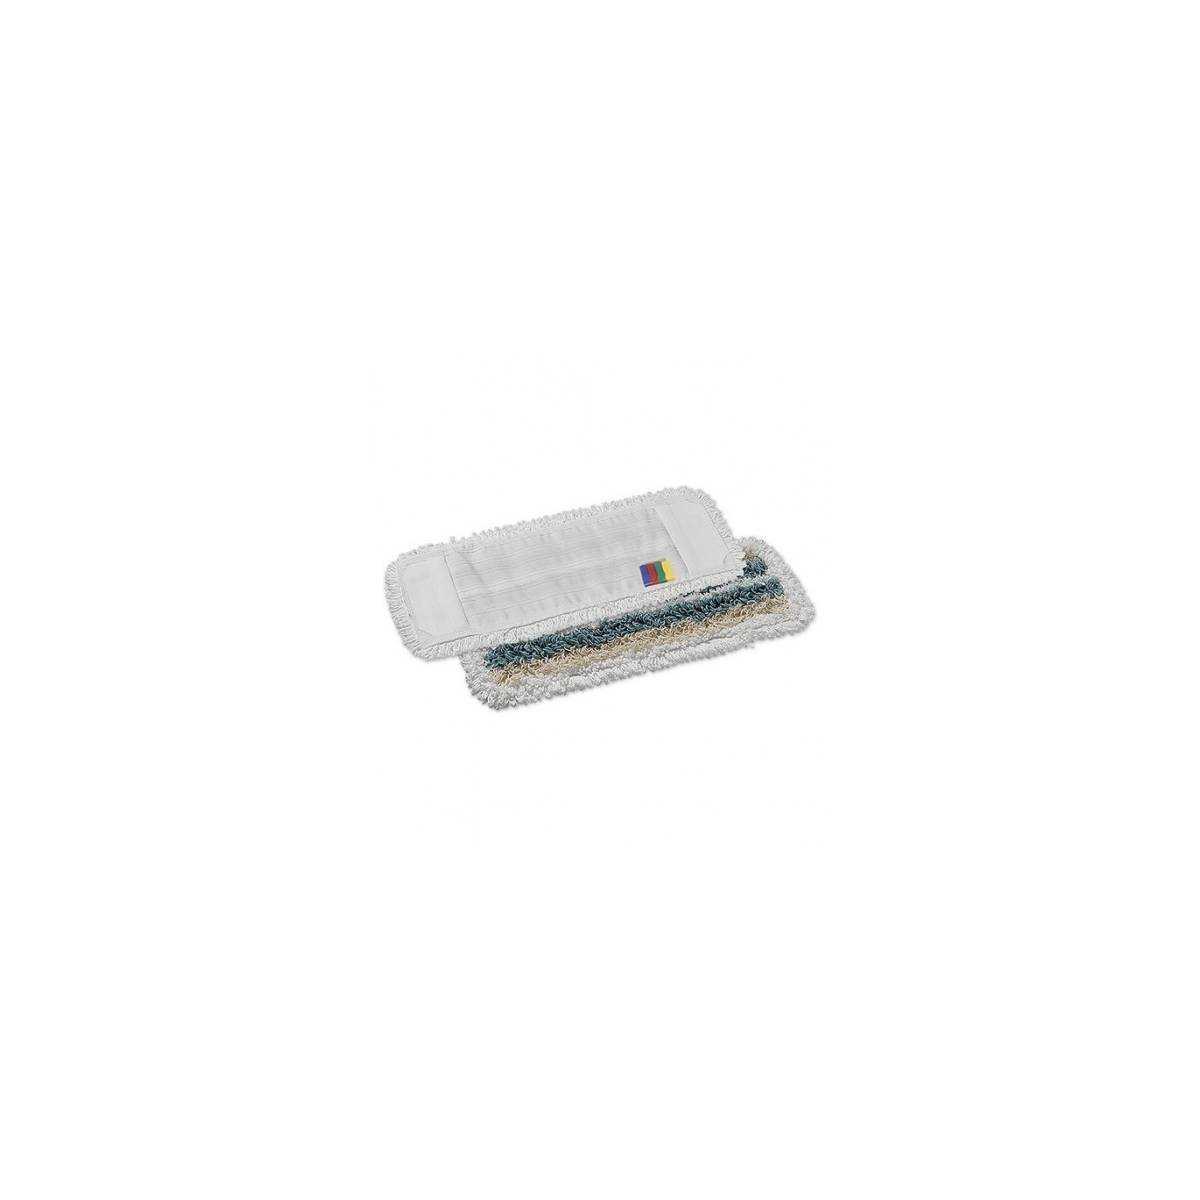 Моп Tris Blik микрофибра-полиэстр-хлопок с карманами 50см 00000470 TTS